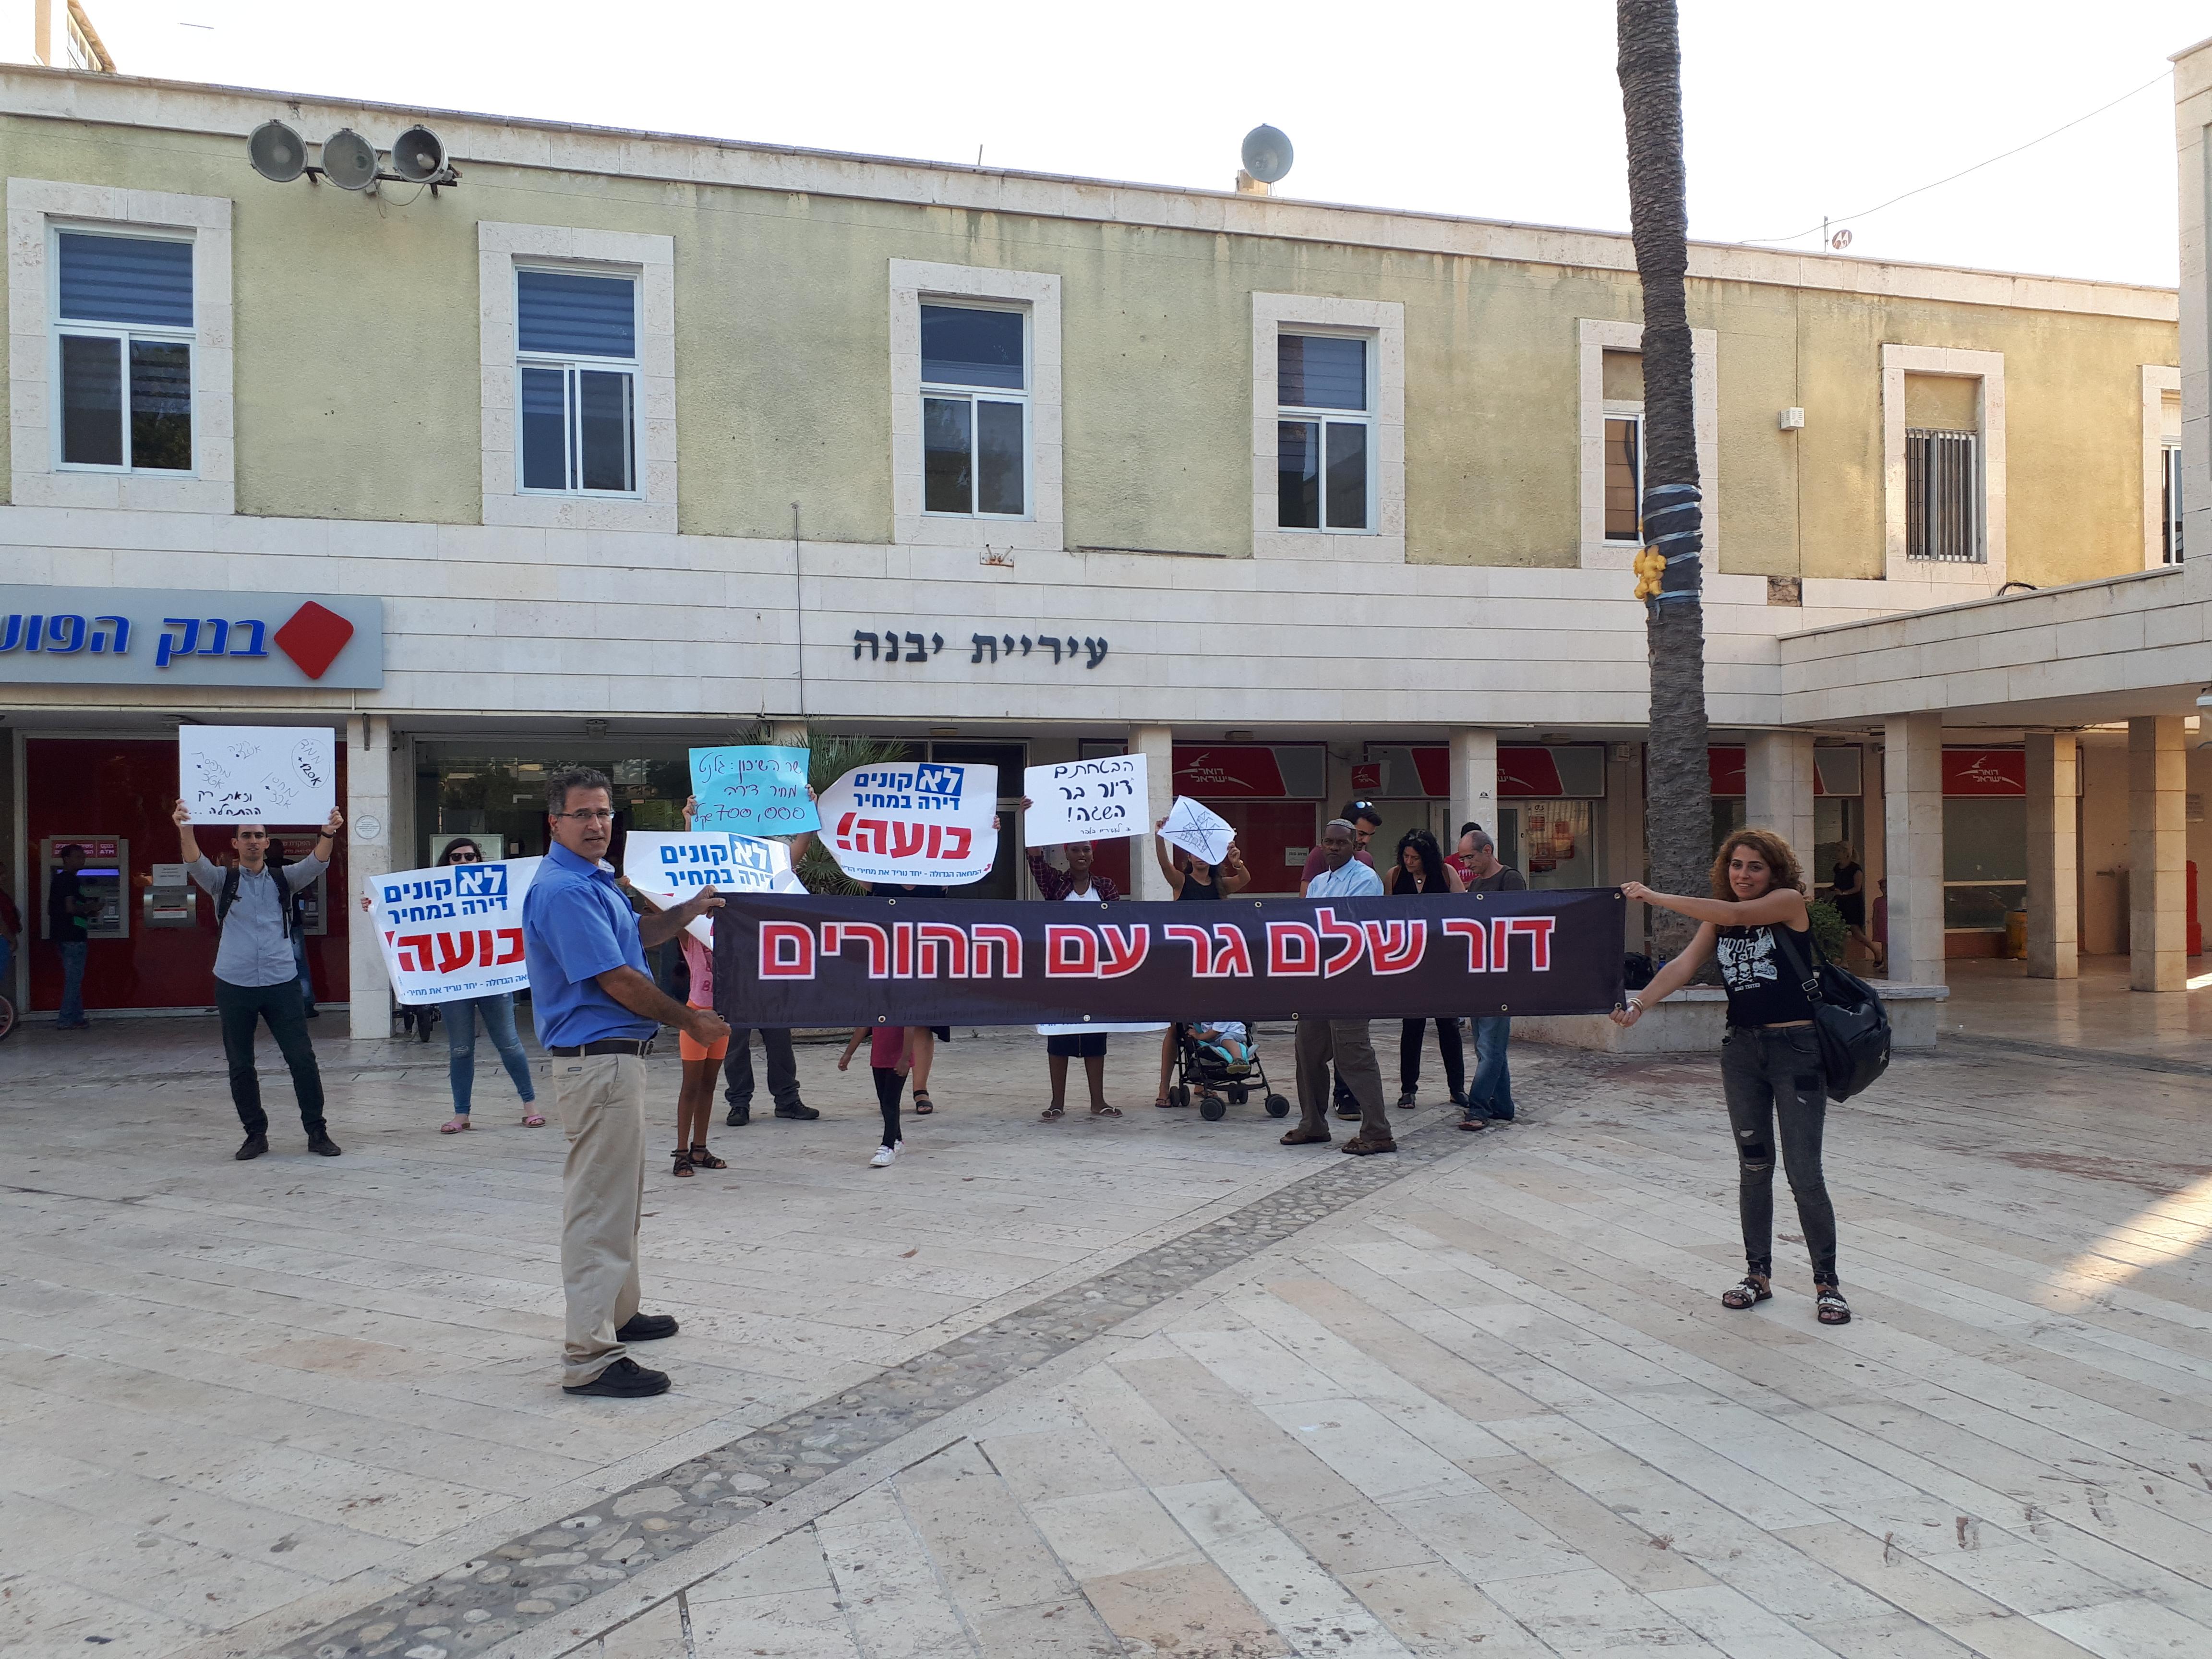 בהפגנה ביבנה על תכנית מחיר למשתכן